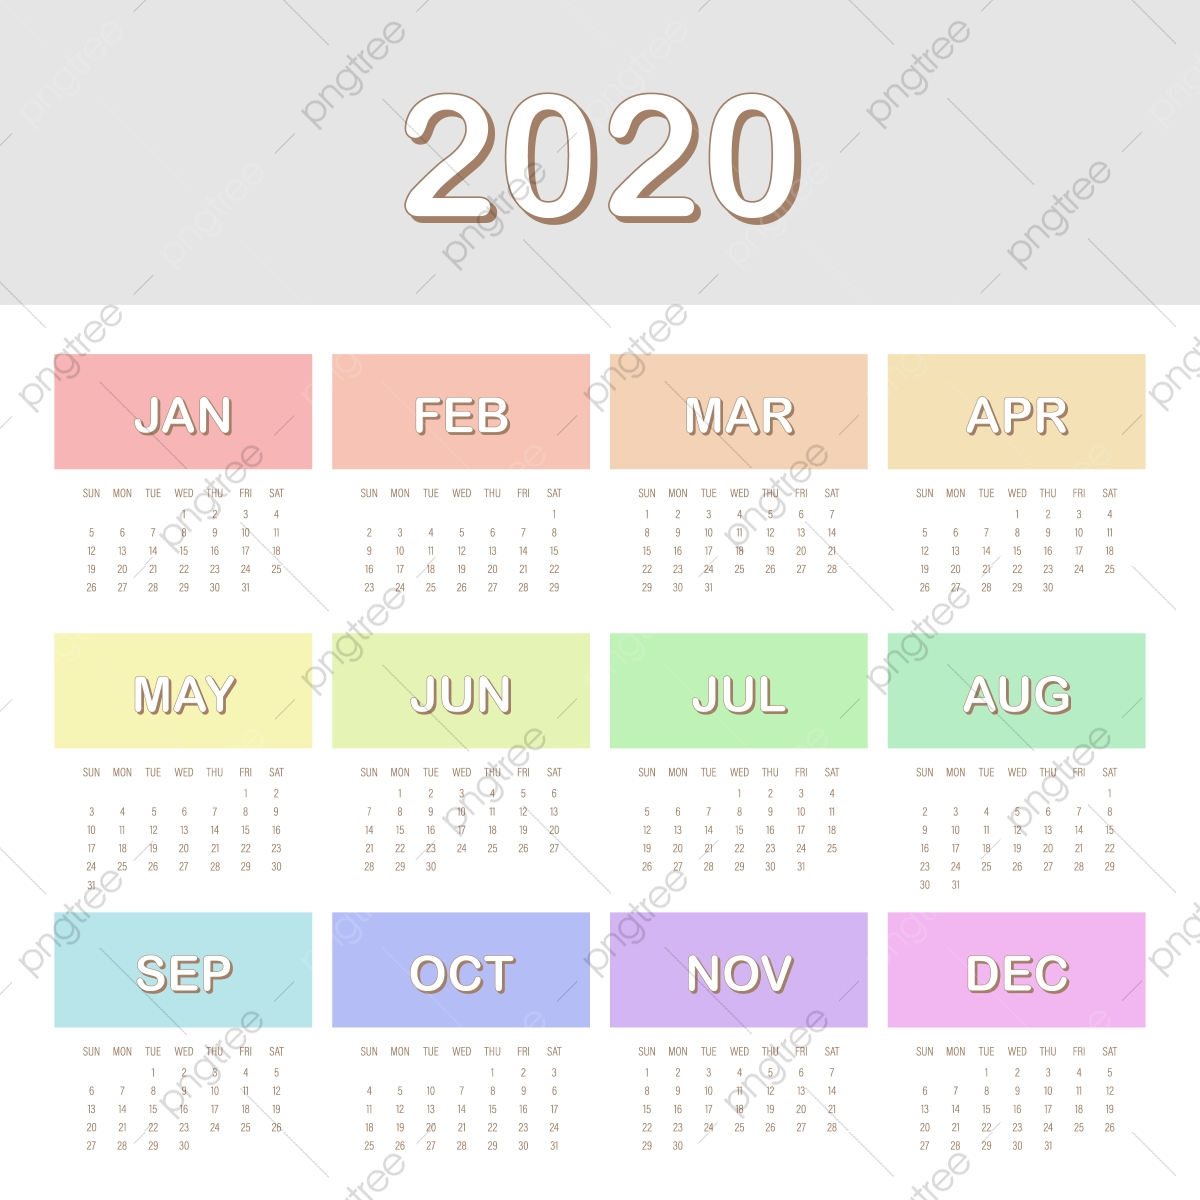 تصميم تقويم 2020 الملونة قالب تحميل مجاني على ينغتري